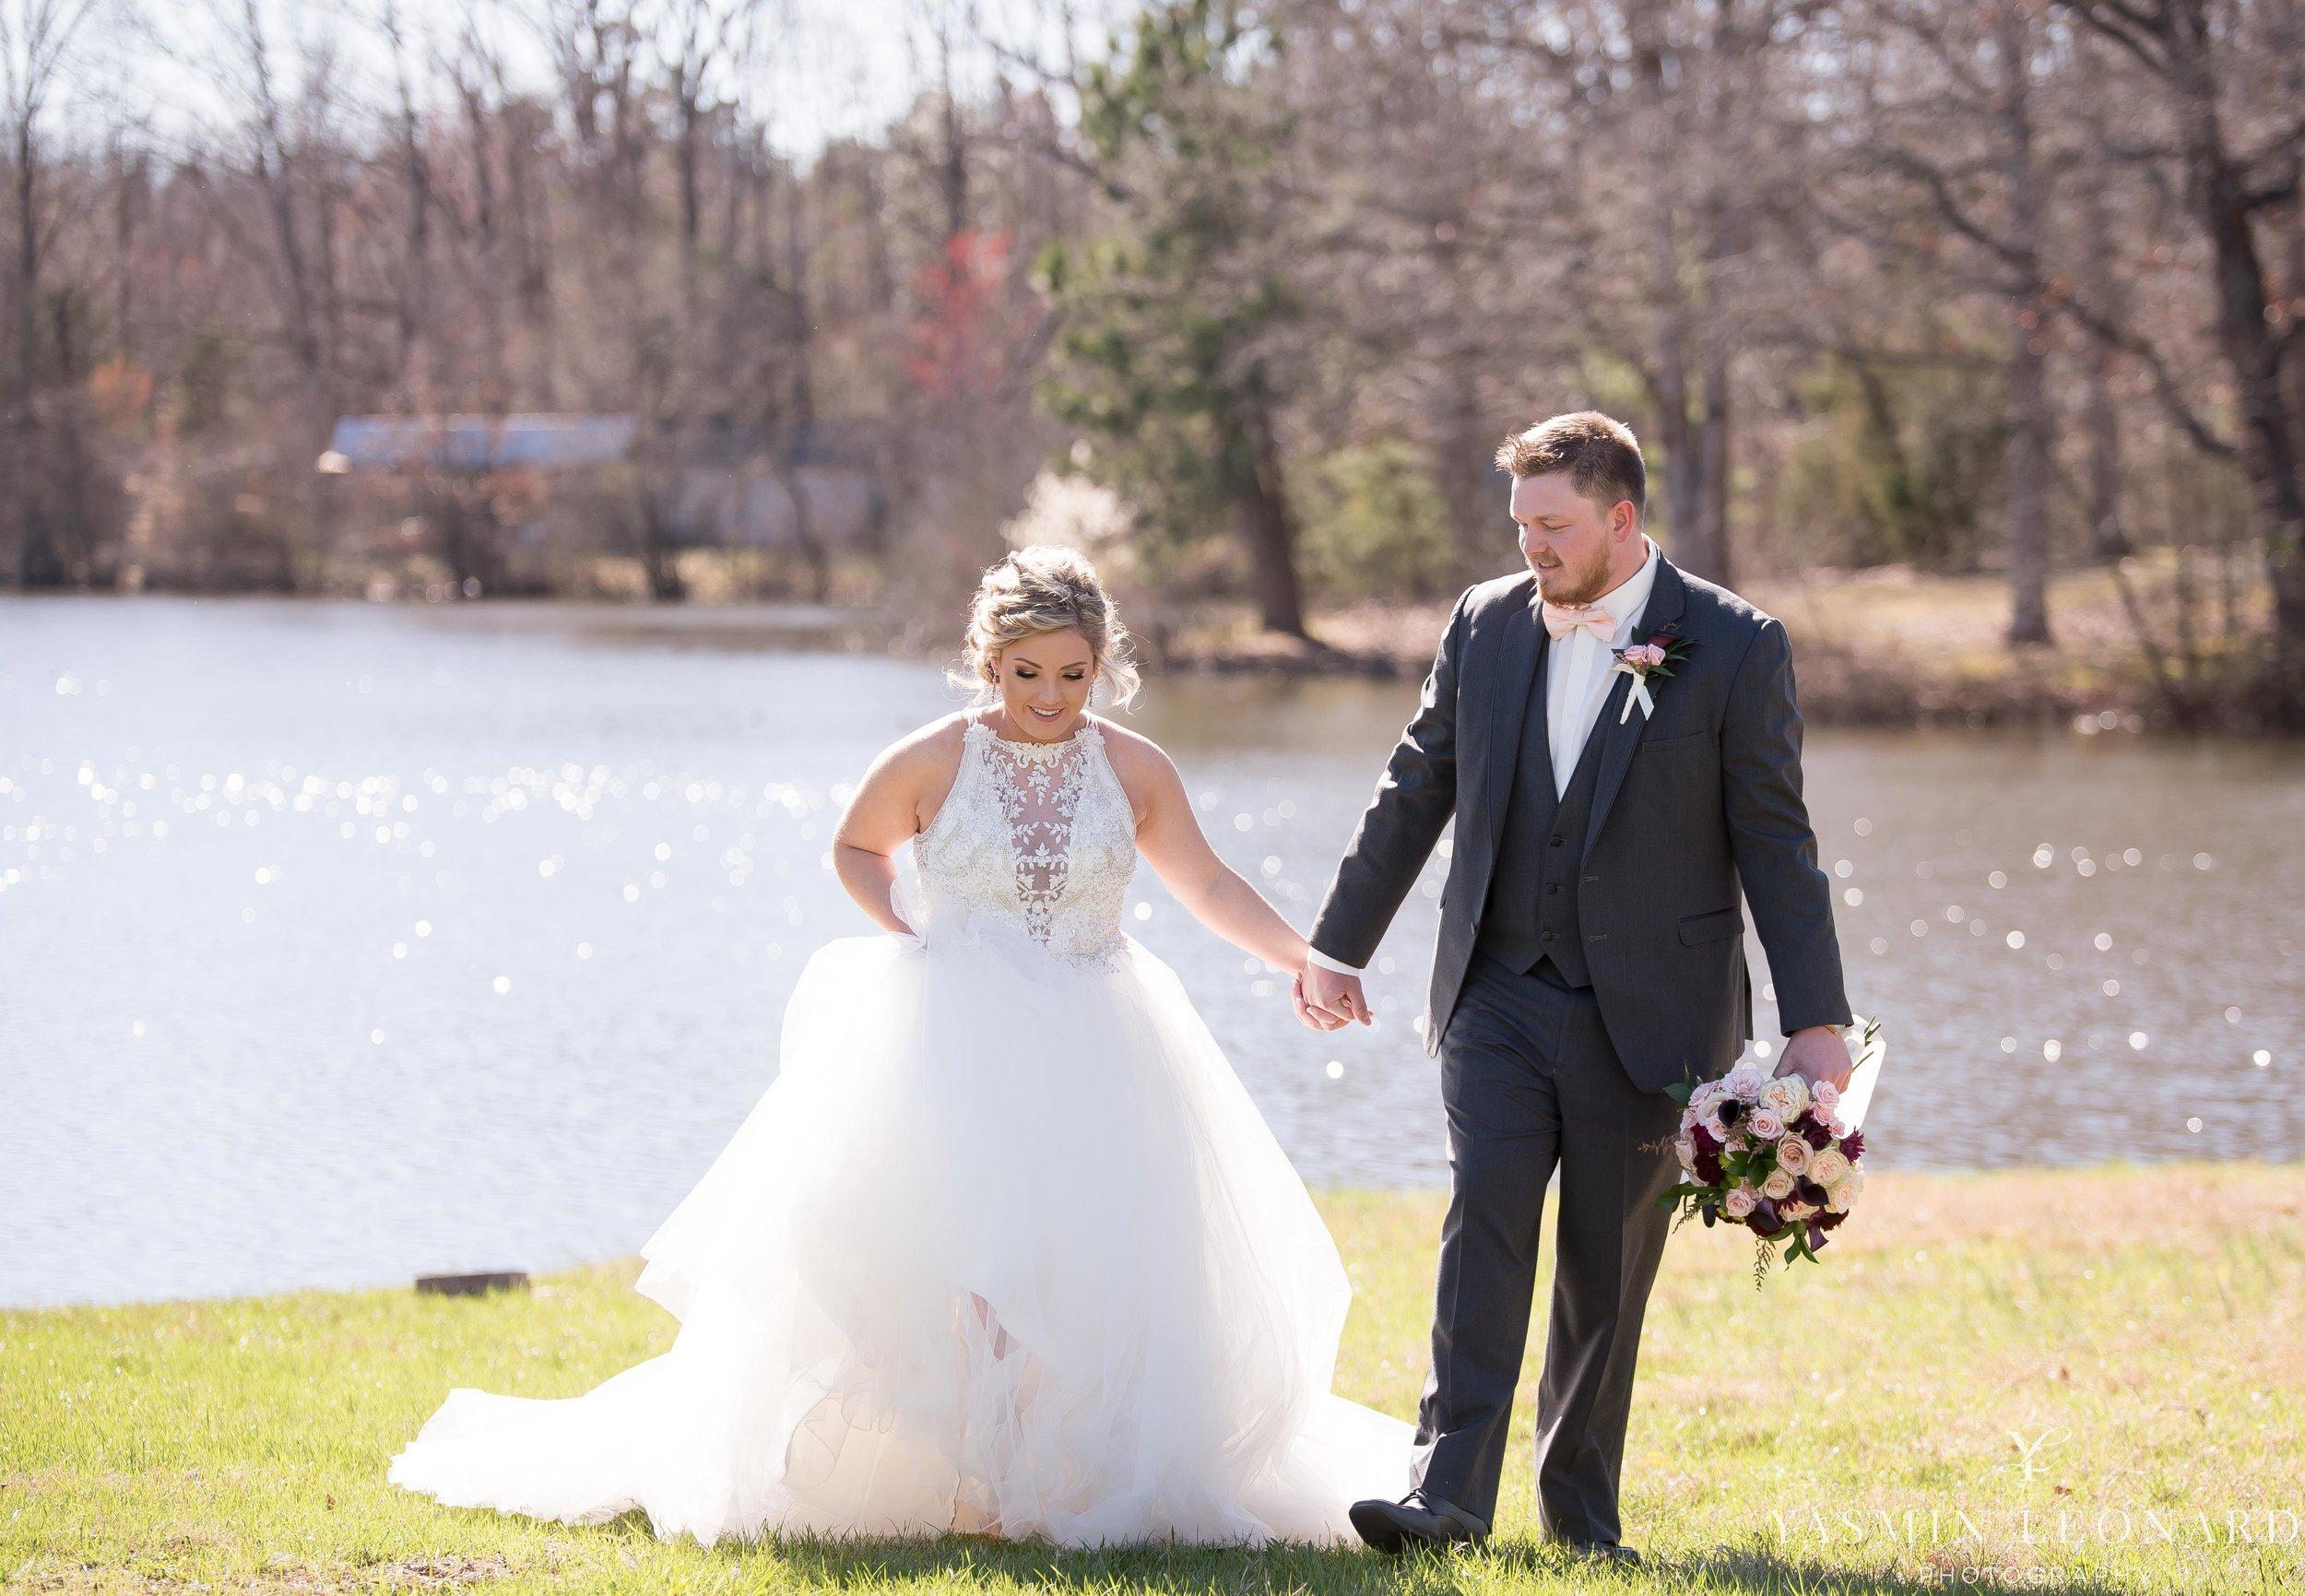 Millikan Farms - Millikan Farms Wedding - Sophia NC Wedding - NC Wedding - NC Wedding Photographer - Yasmin Leonard Photography - High Point Photographer - Barn Wedding - Wedding Venues in NC - Triad Wedding Photographer-30.jpg